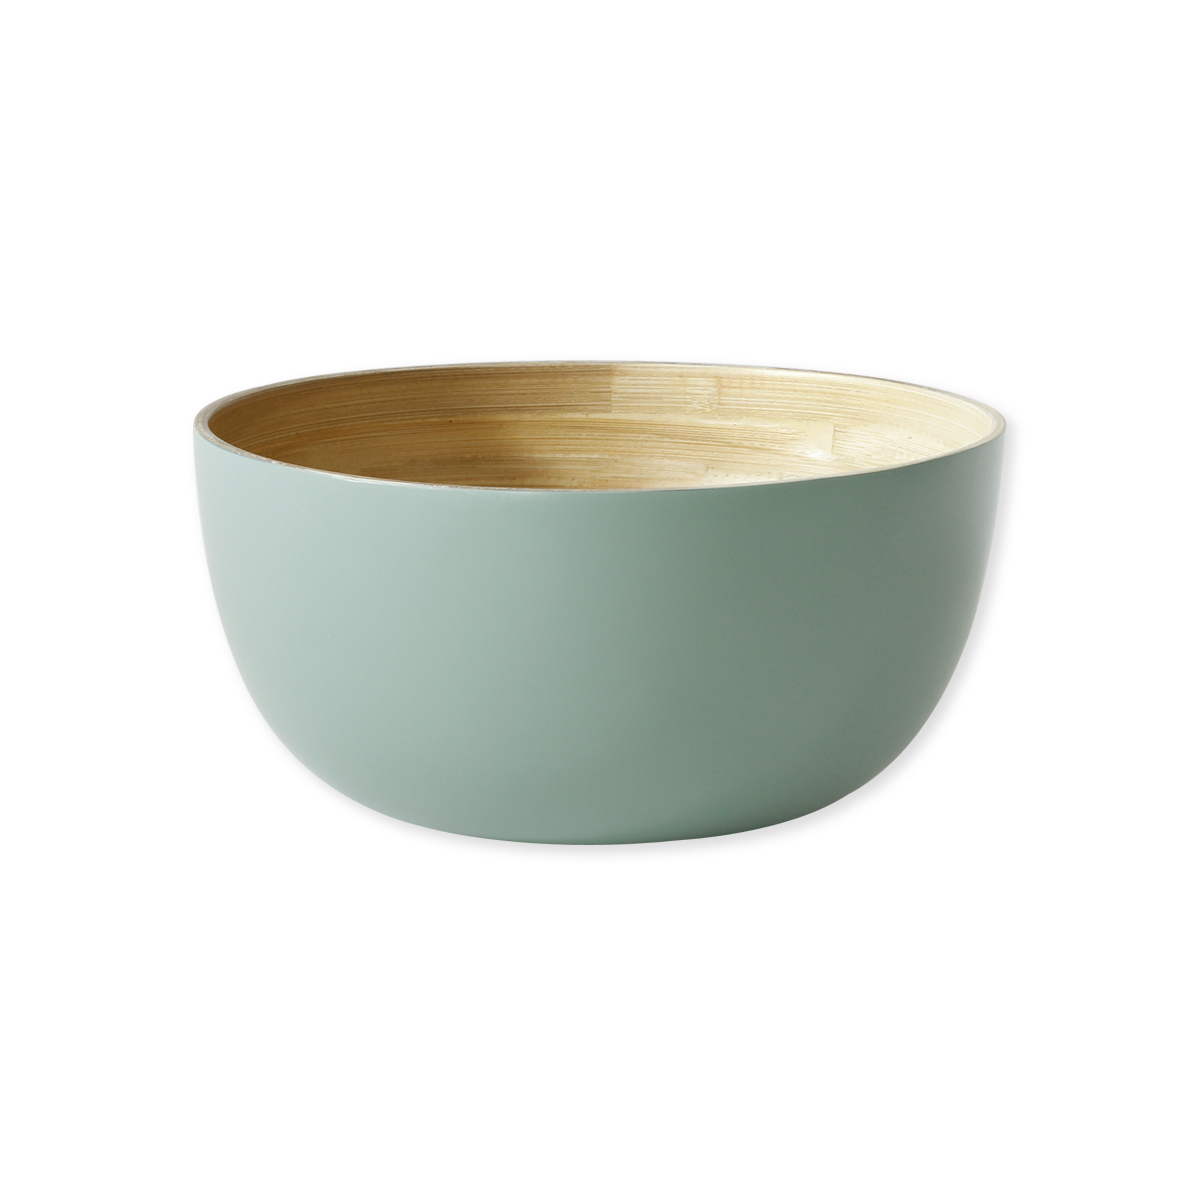 saladier en bambou vert saladiers chic bruno evrard. Black Bedroom Furniture Sets. Home Design Ideas